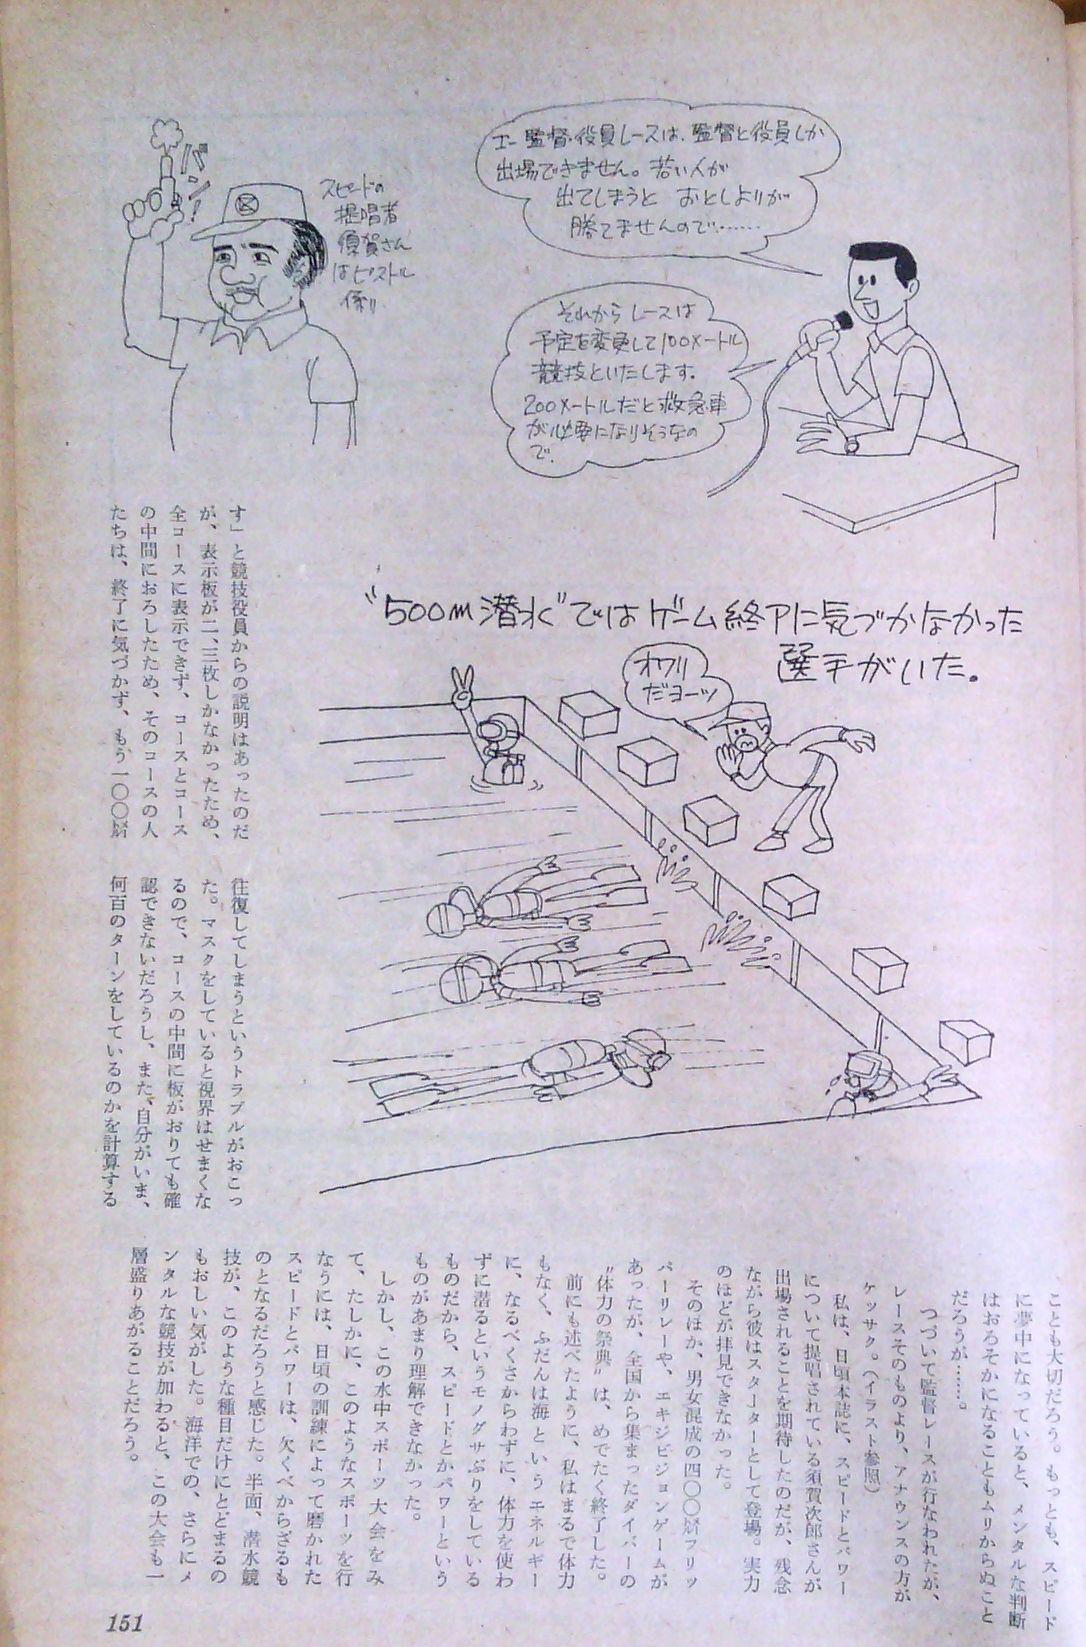 0517 ダイビングの歴史 72 海の世界1974-7月 2_b0075059_15283838.jpg